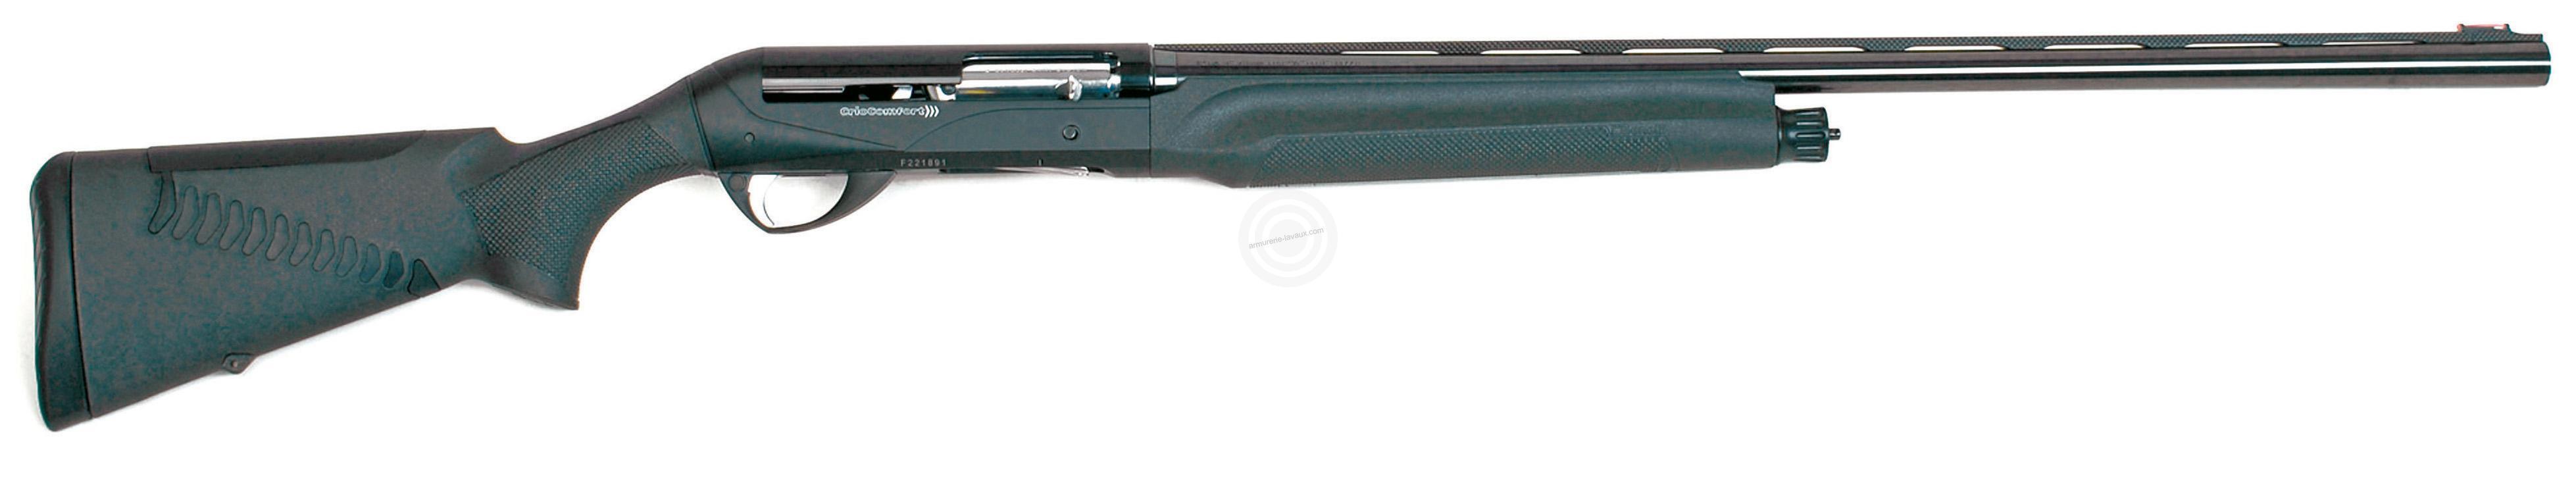 Fusil Semi-Automatique BENELLI RAFFAELLO CRIO COMFORT cal.12/76 (71cm)